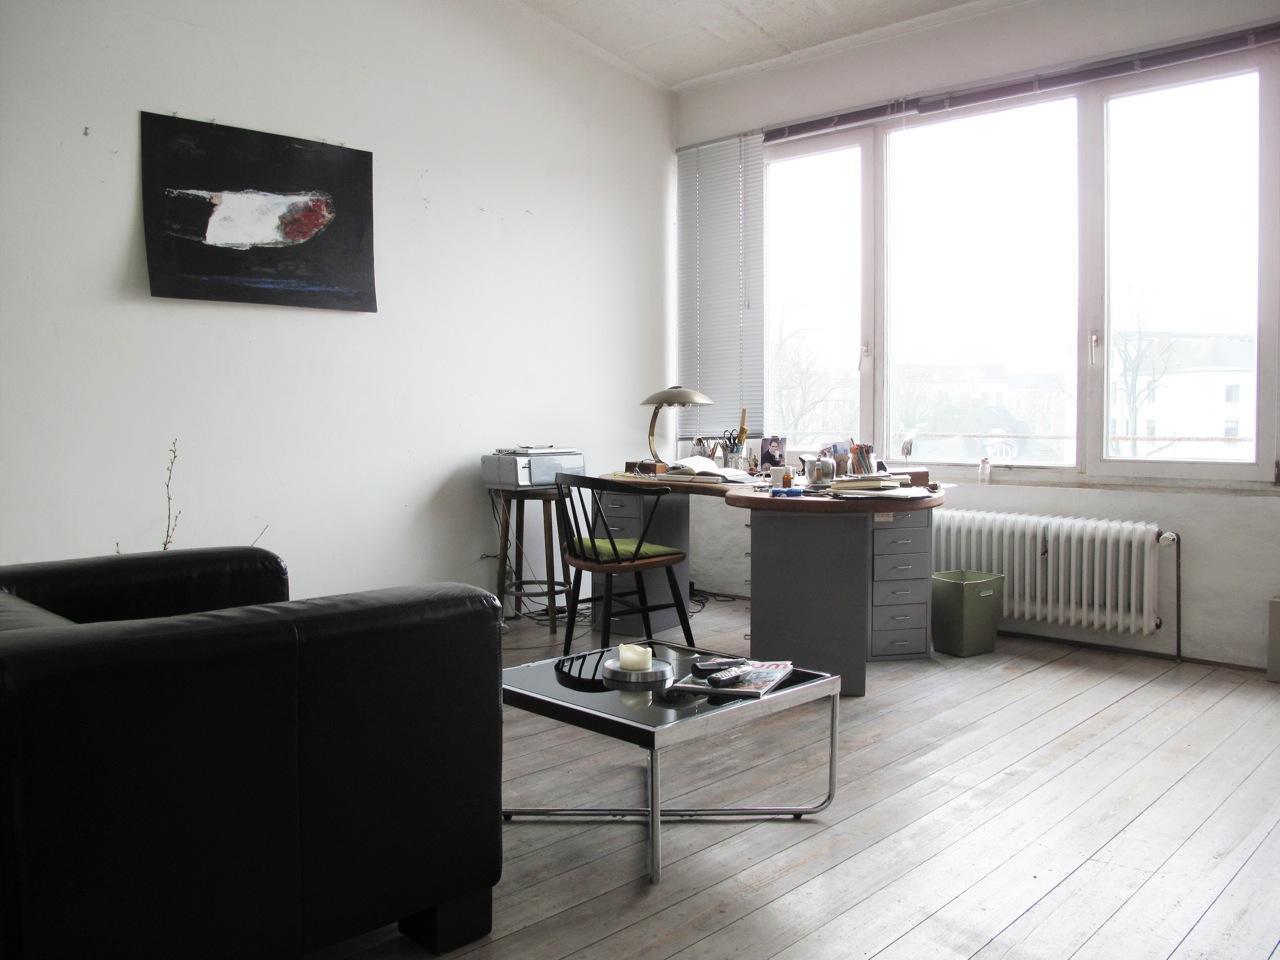 Büroecke • Bilder & Ideen • Couchstyle